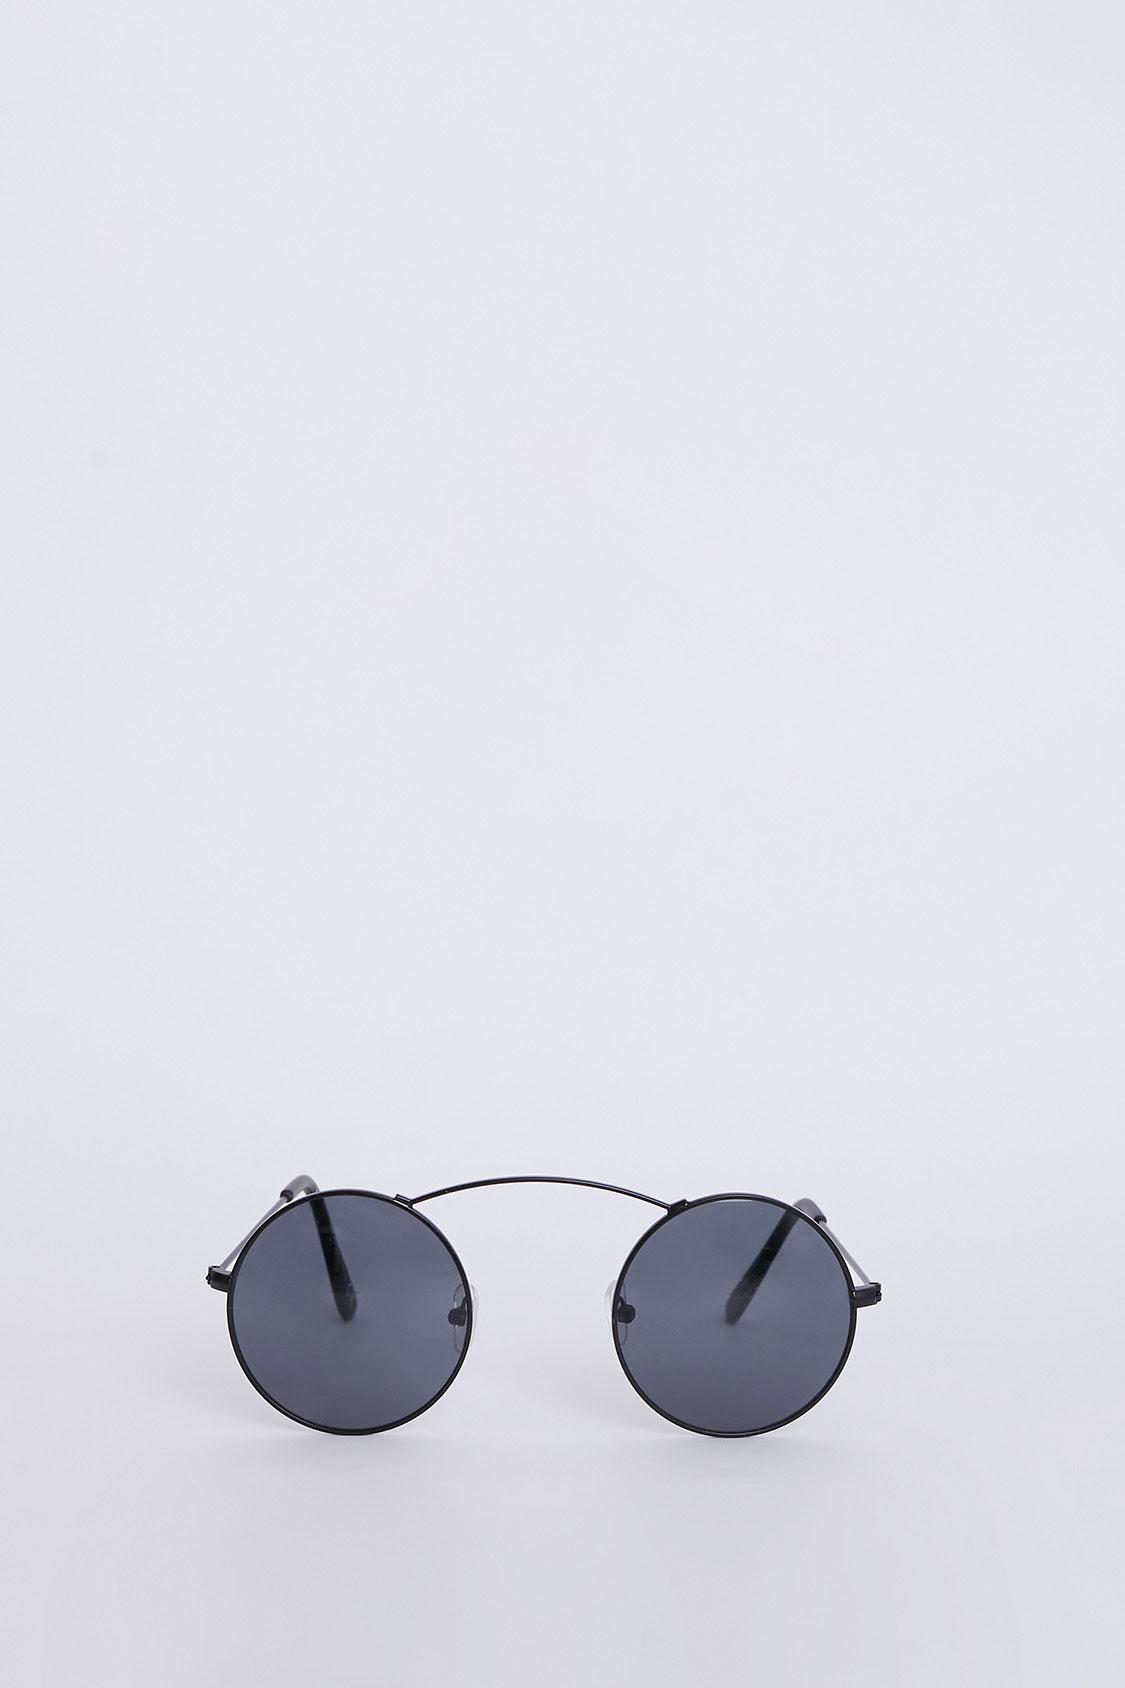 611e88caa9 Occhiali da sole rotondi